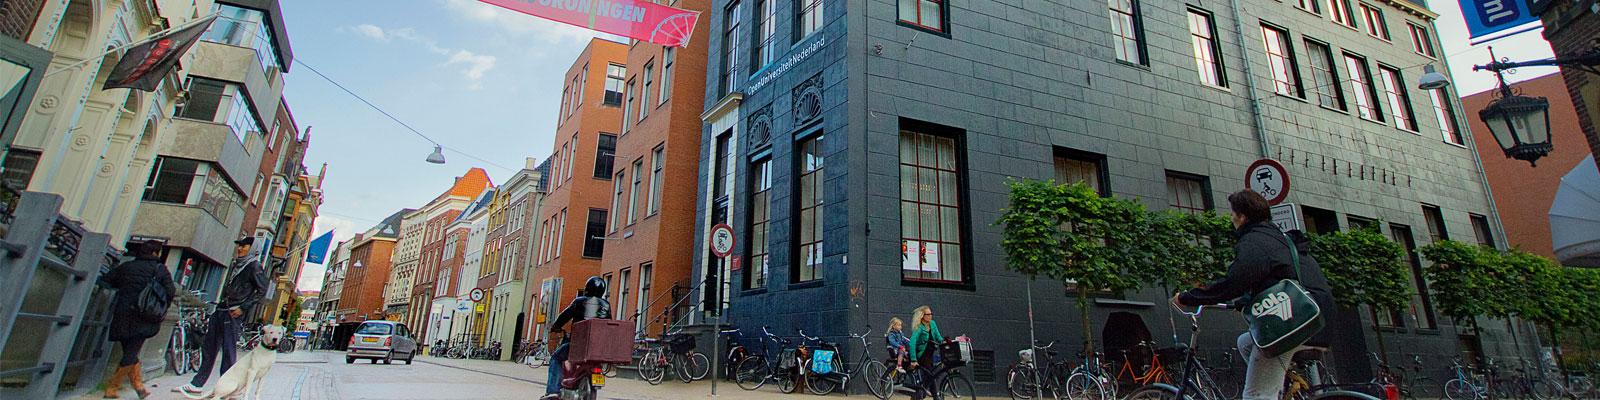 Studiecentrum Groningen Open Universiteit